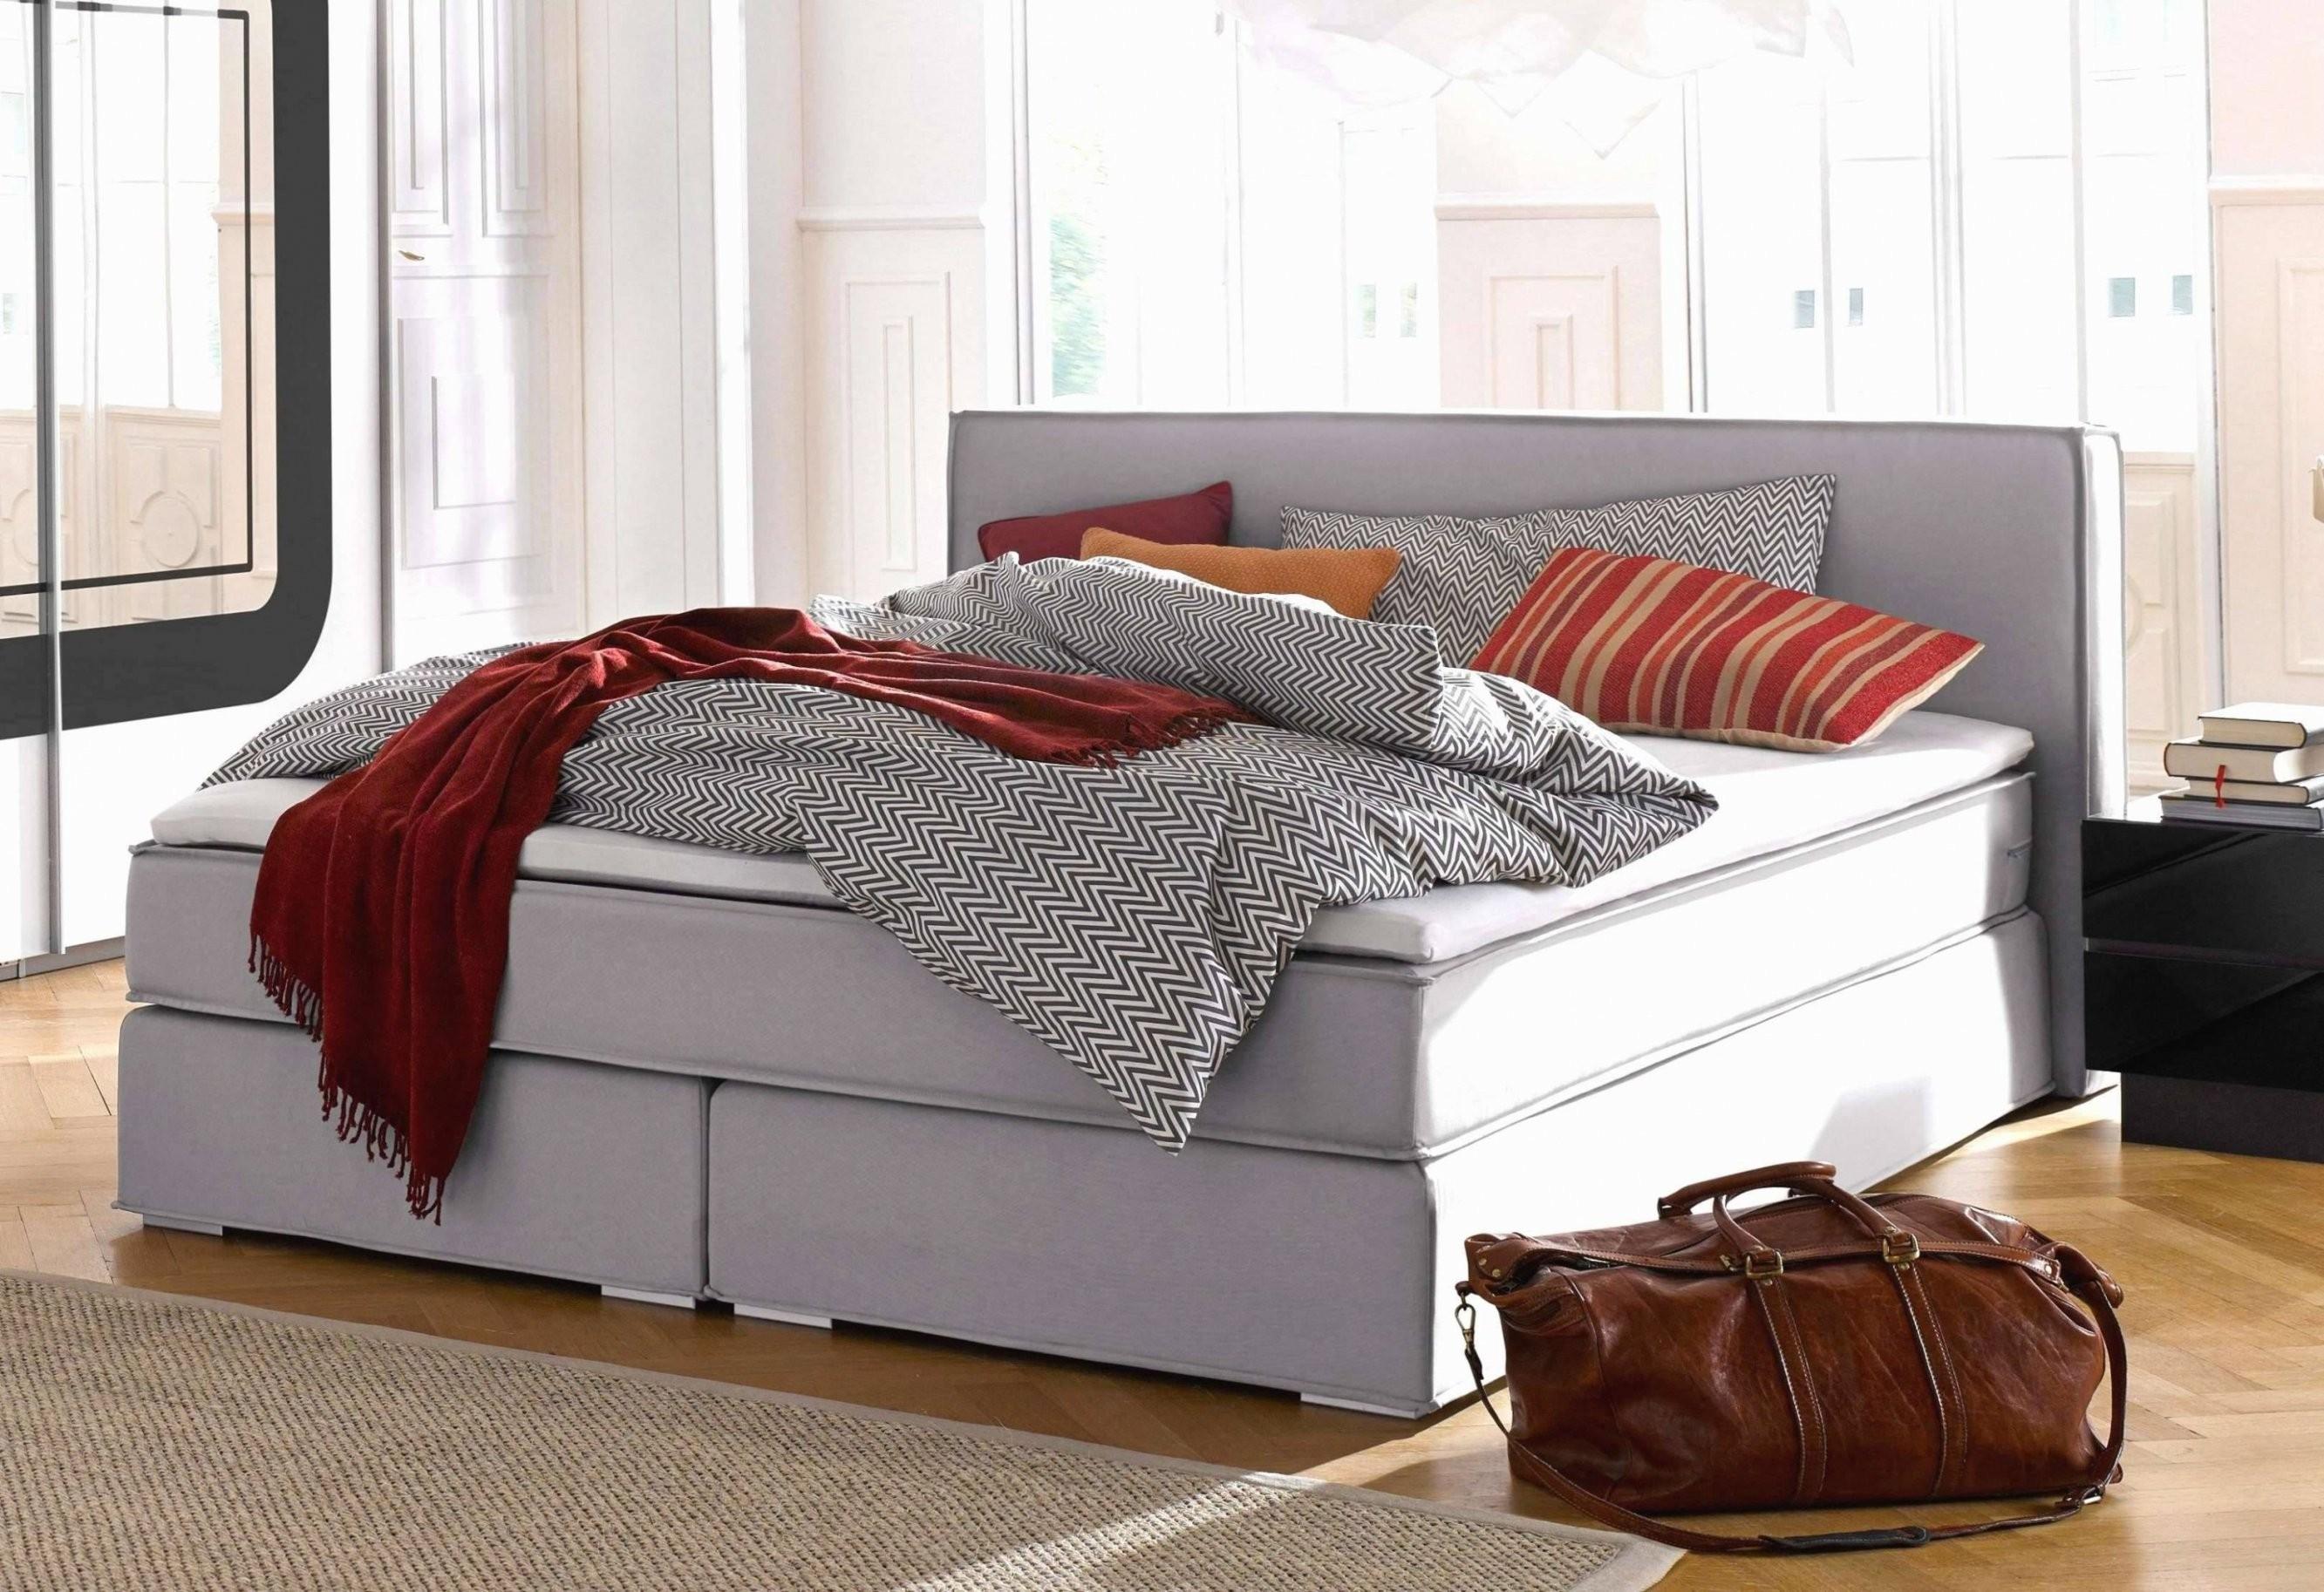 Boxspring Matratze Für Normales Bett — Yct Projekte von Normales Bett Oder Boxspring Photo